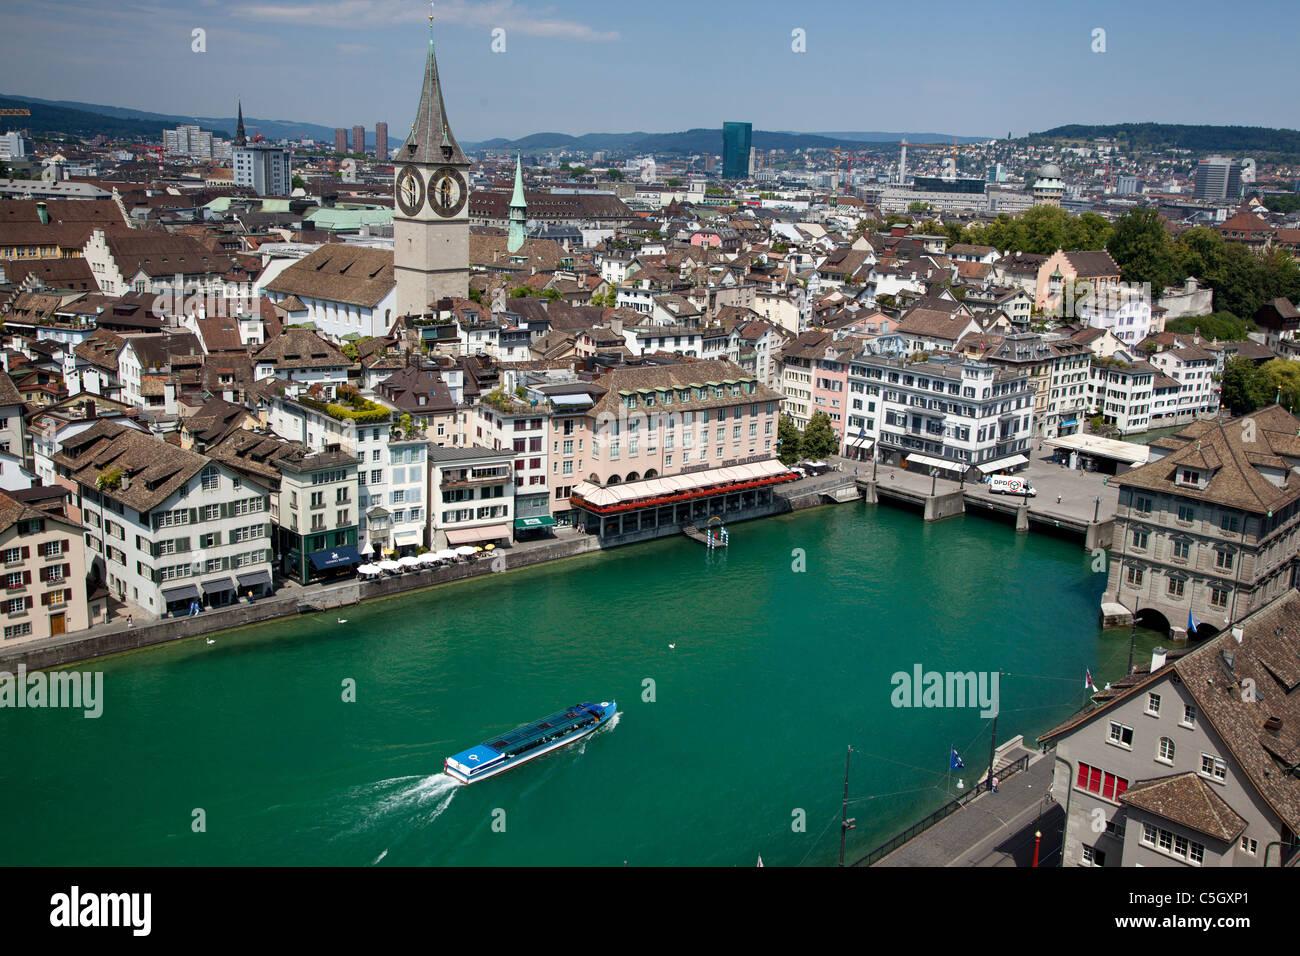 Al di sopra di vista di Zurigo, Svizzera Immagini Stock